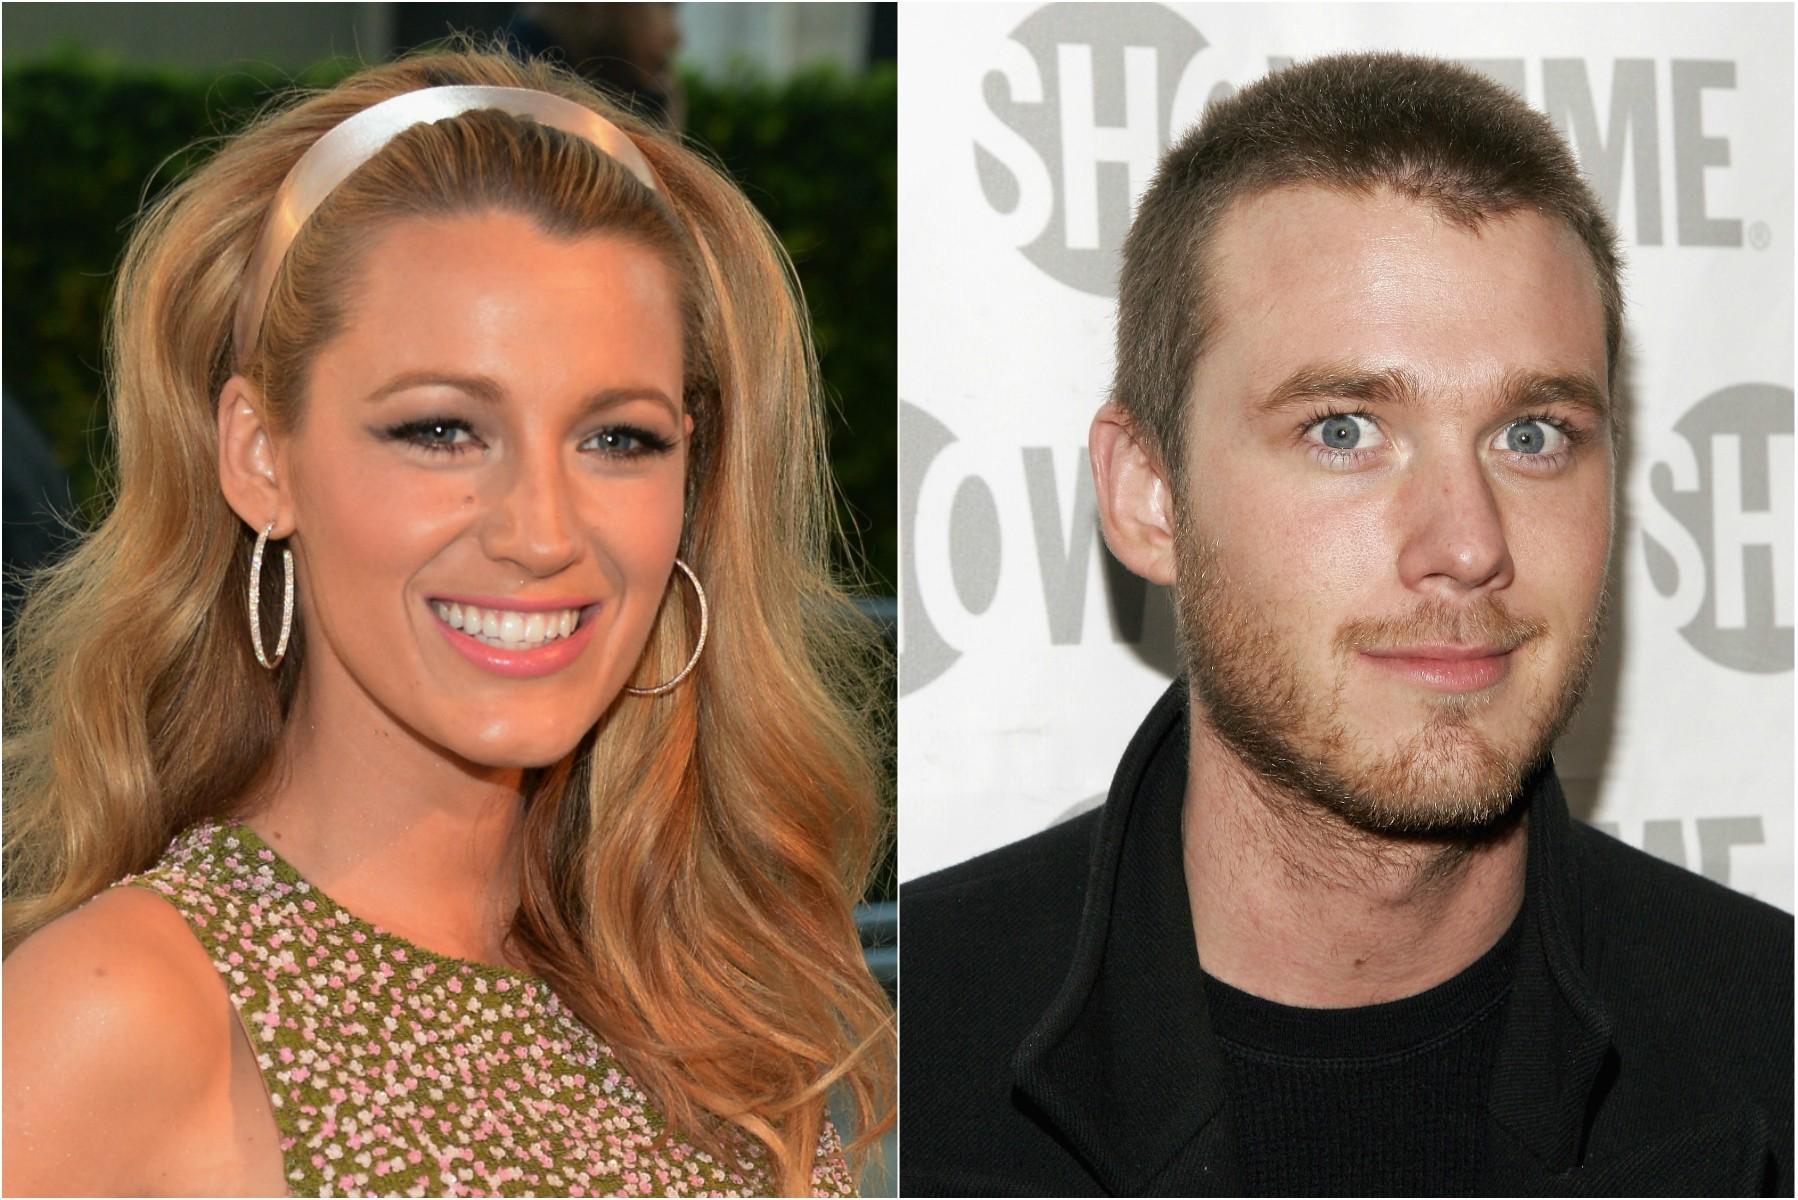 Os irmãos e atores Blake Lively, de 26 anos, e Eric Lively, de 32. (Foto: Getty Images)